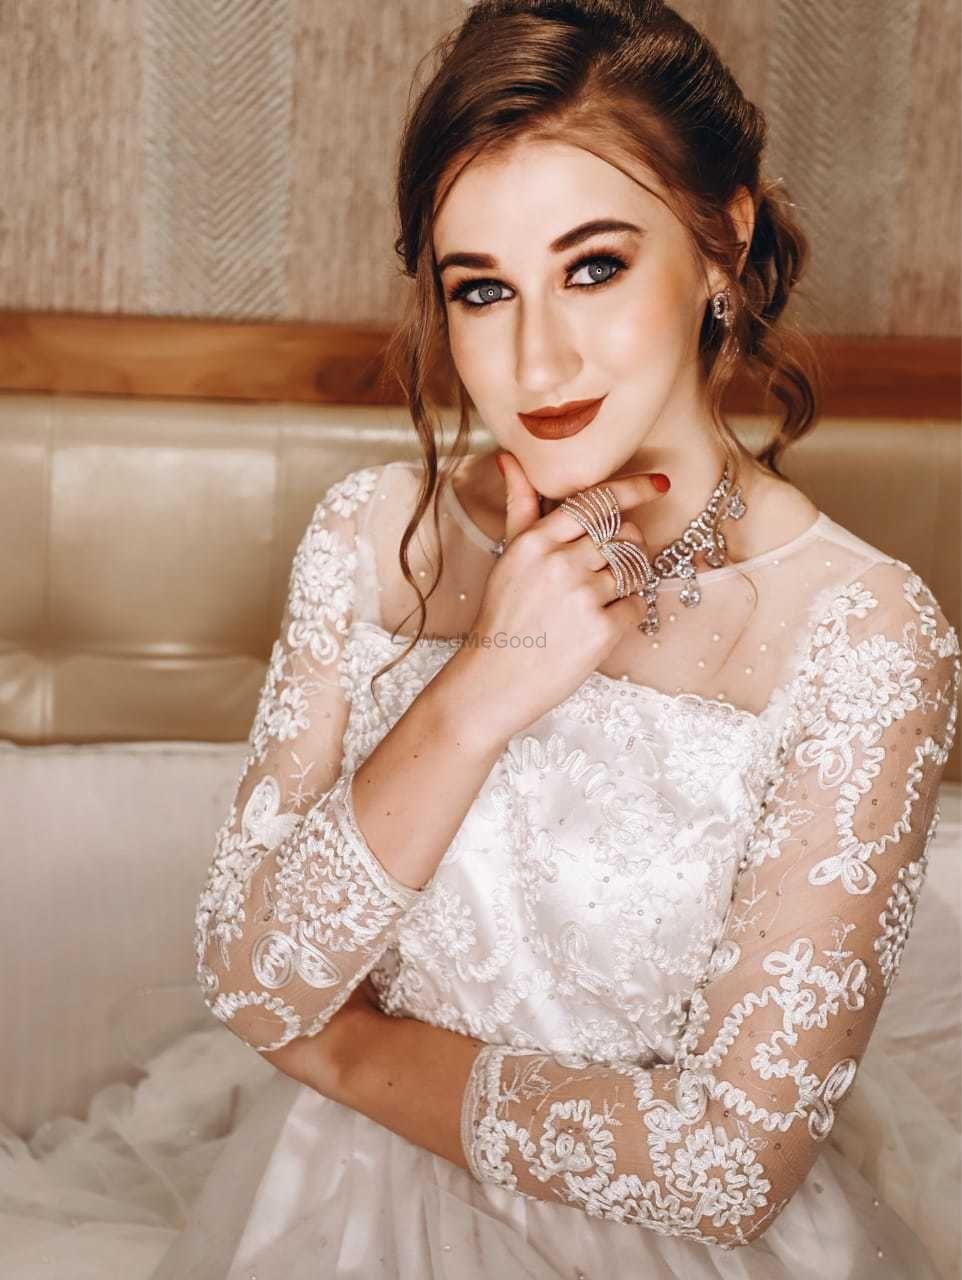 Photo From Bride Oksana - By Richa Thakkar